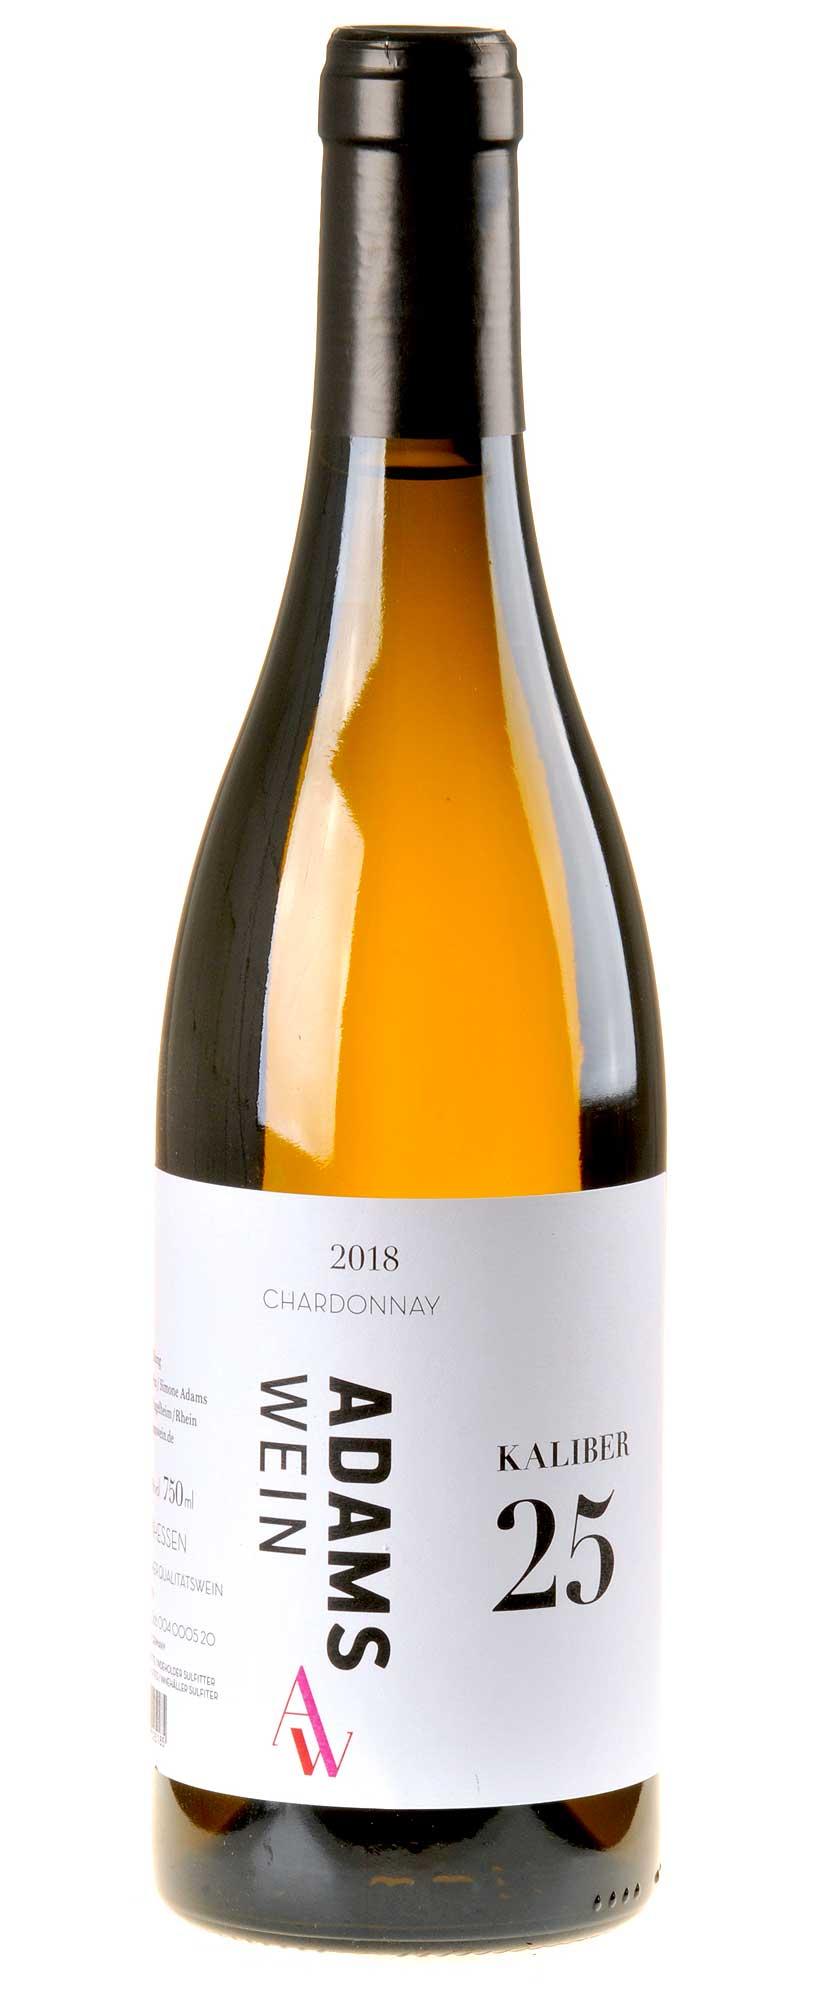 ADAMS-Wein | Kaliber 25 - CHARDONNAY